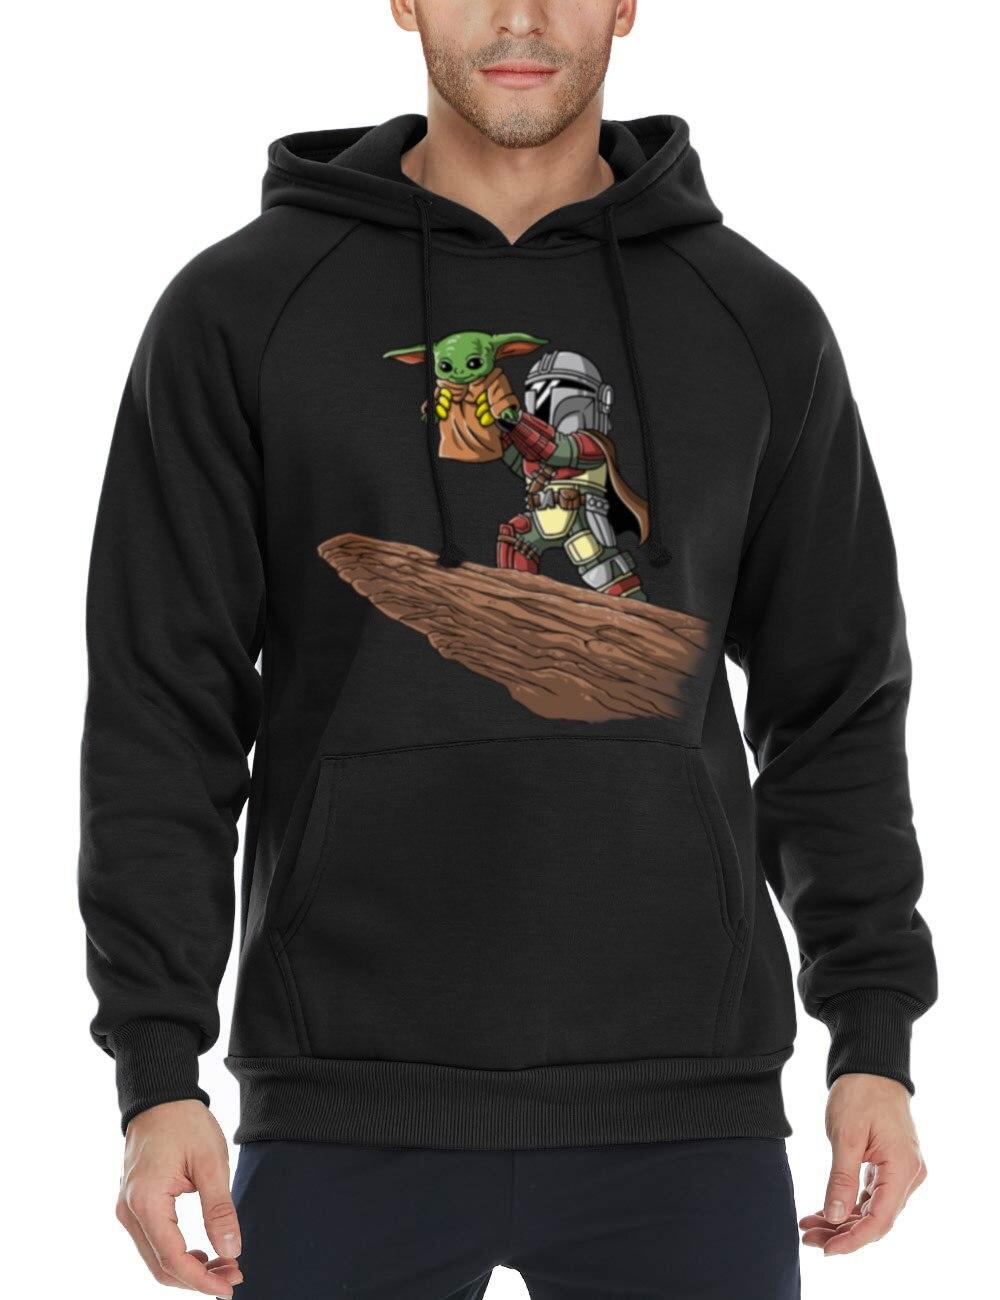 Pequeño Yoda mandaloriano Fan de Star Wars, regalo de los hombres Sudadera con capucha imprimir camisetas de hombre abrigo